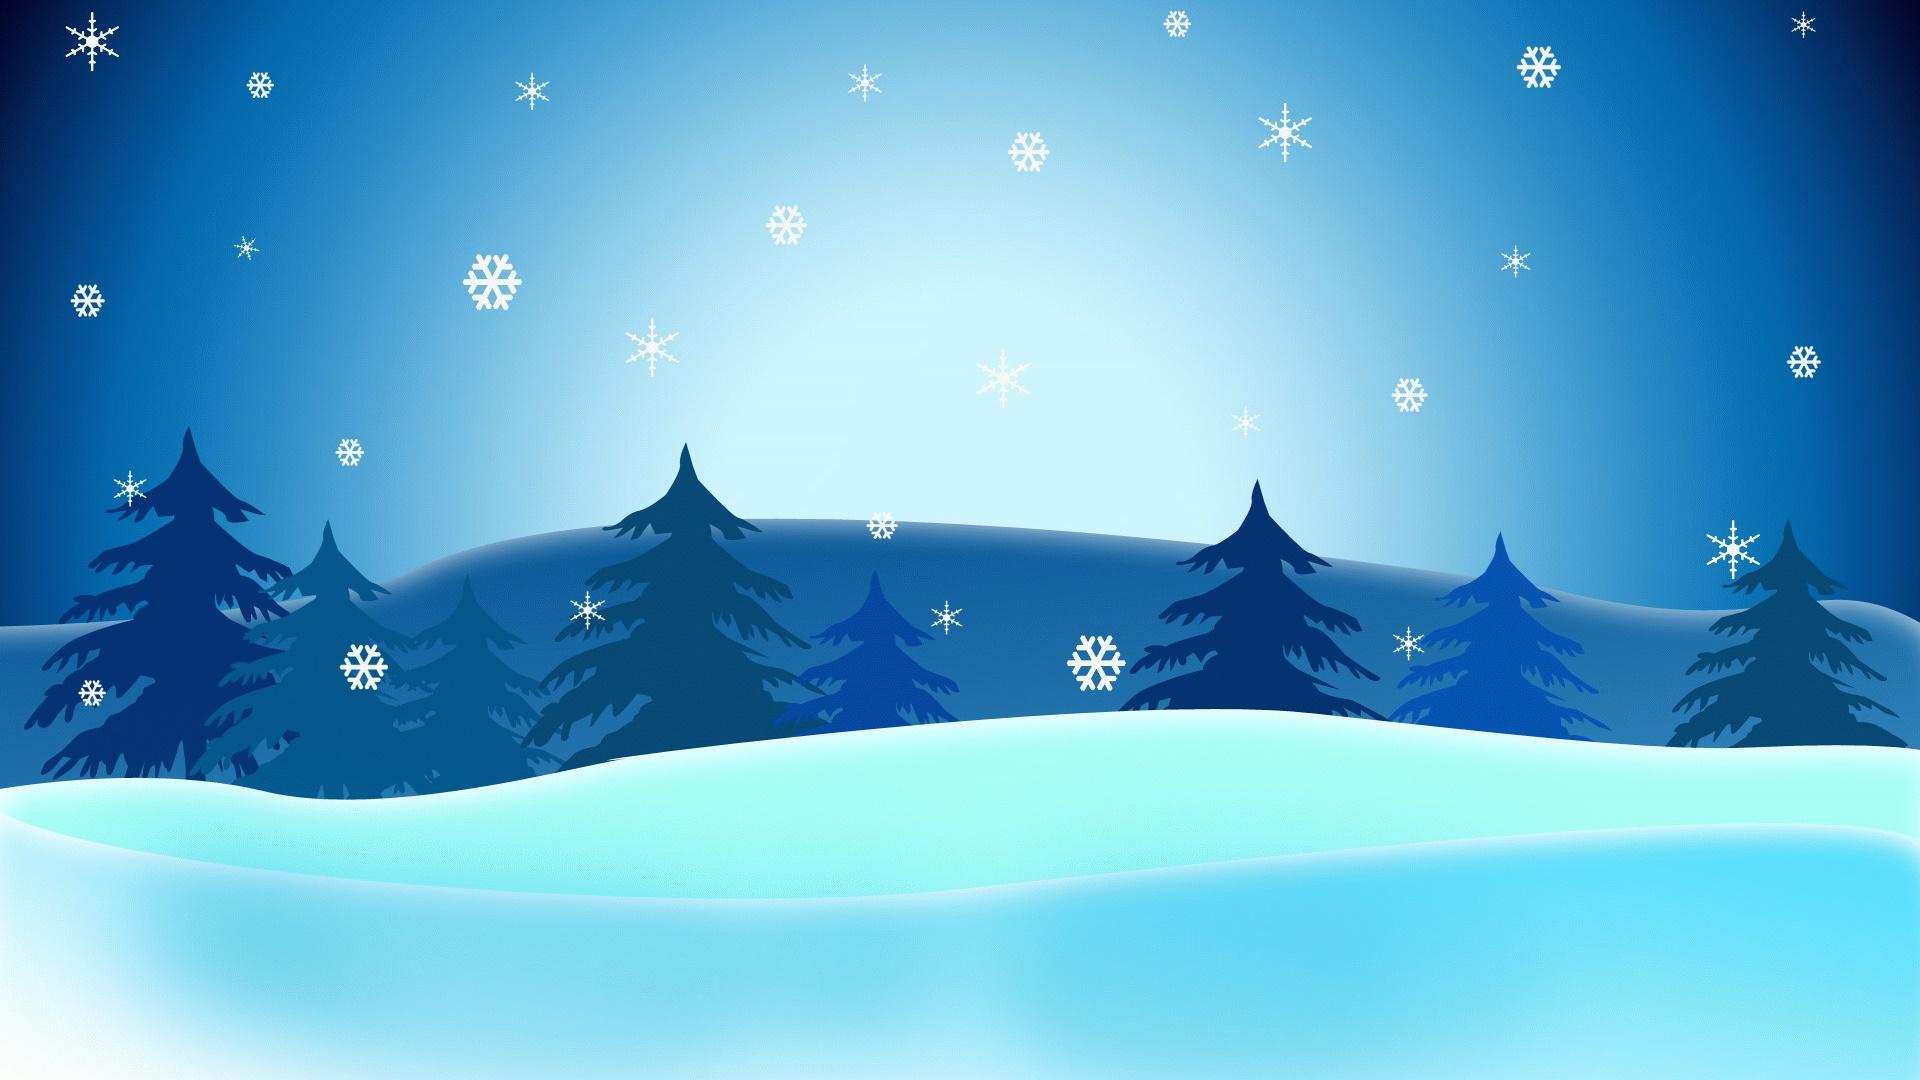 Weihnachtsbilder Als Hintergrund.Vector Weihnachtsbilder Bäume Schneeflocken Blauer Himmel Desktop